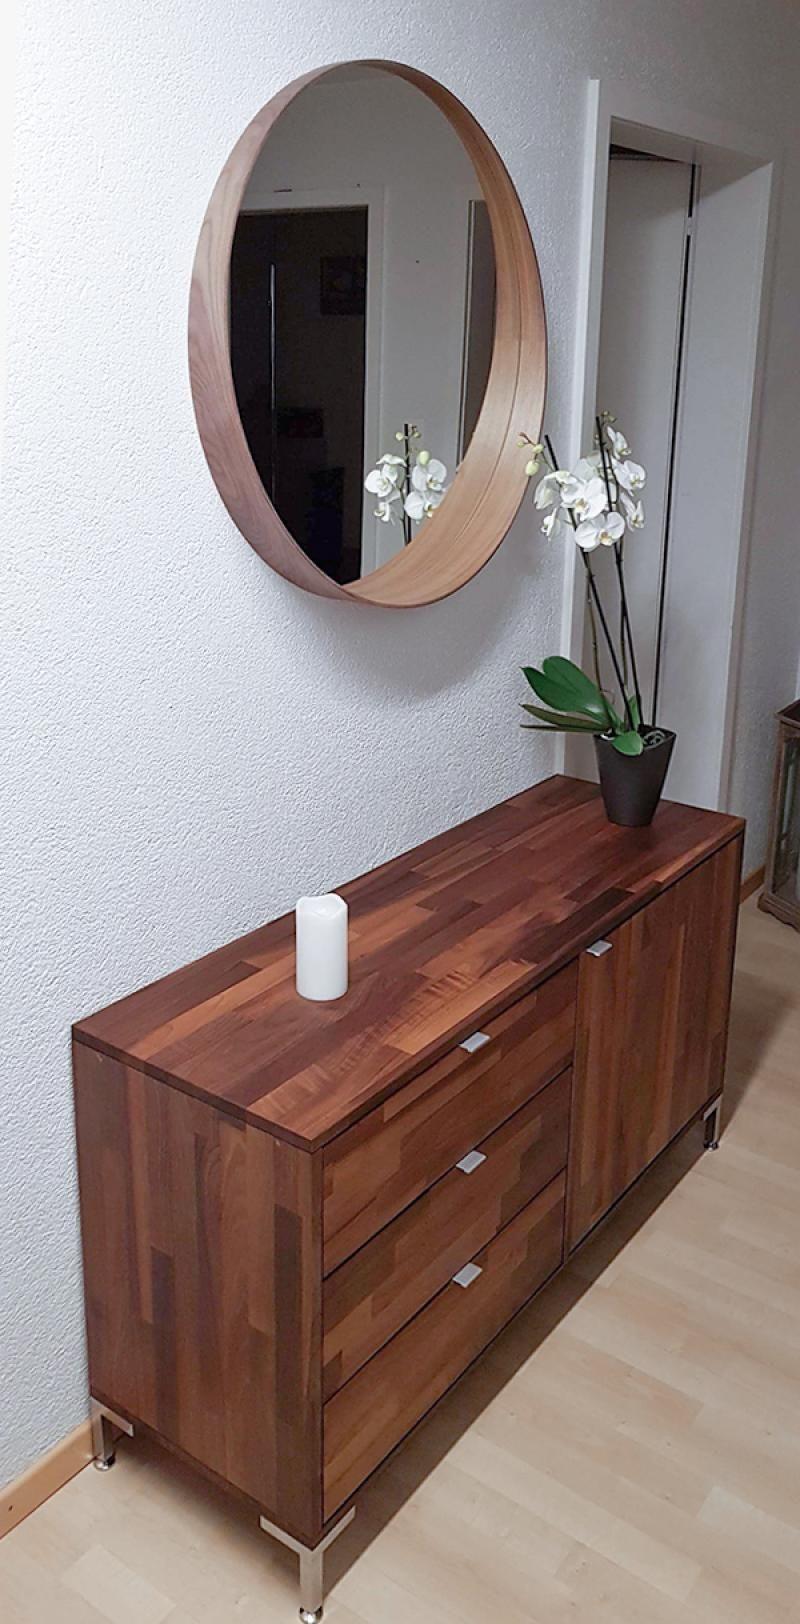 Diese Kombination aus drei Schubladen und einer Tür bietet